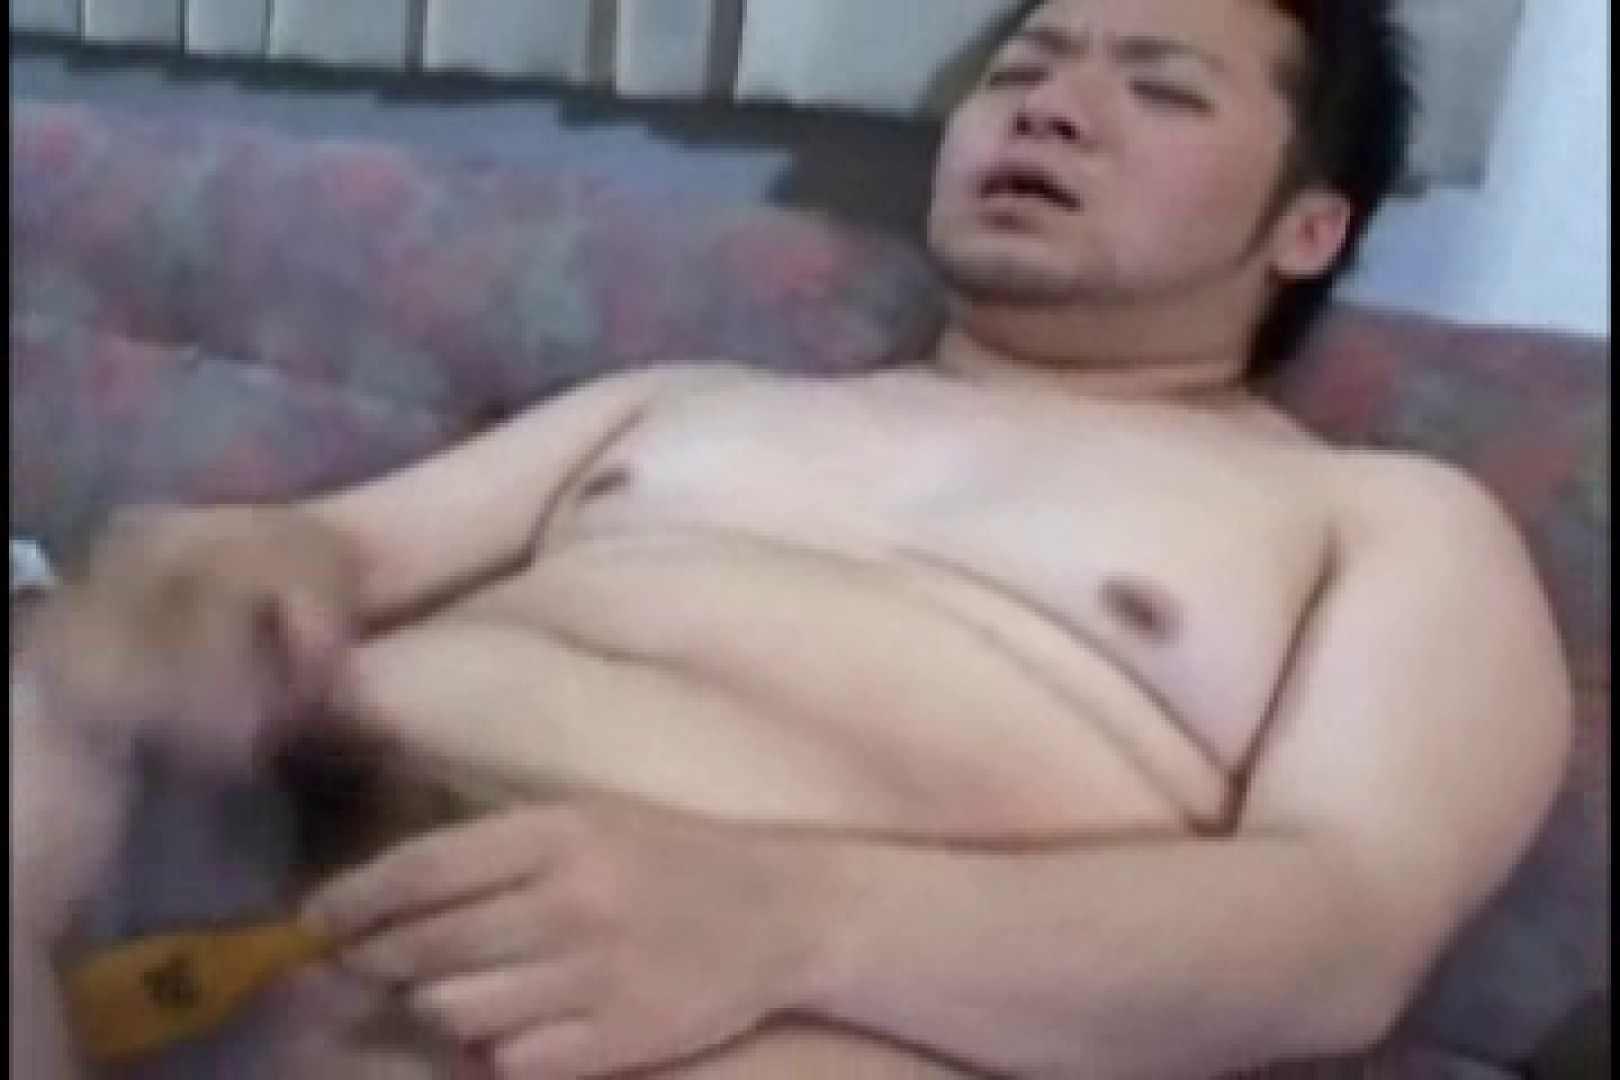 小太りボーイの孫の手オナニー ローション | ゲイのオナニー映像  78枚 64